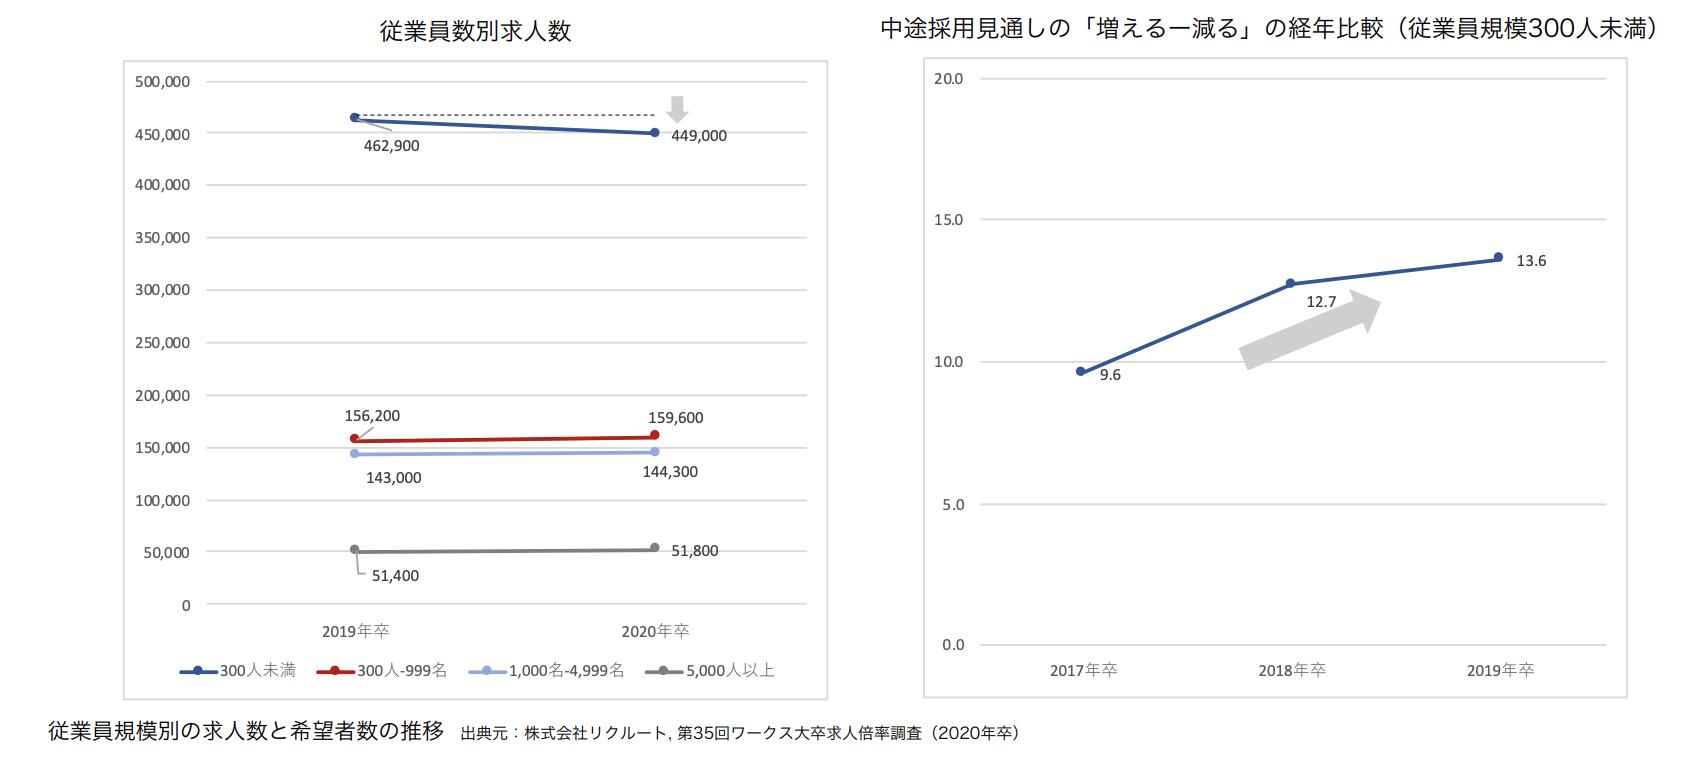 従業員規模別の求人数と希望者数の推移